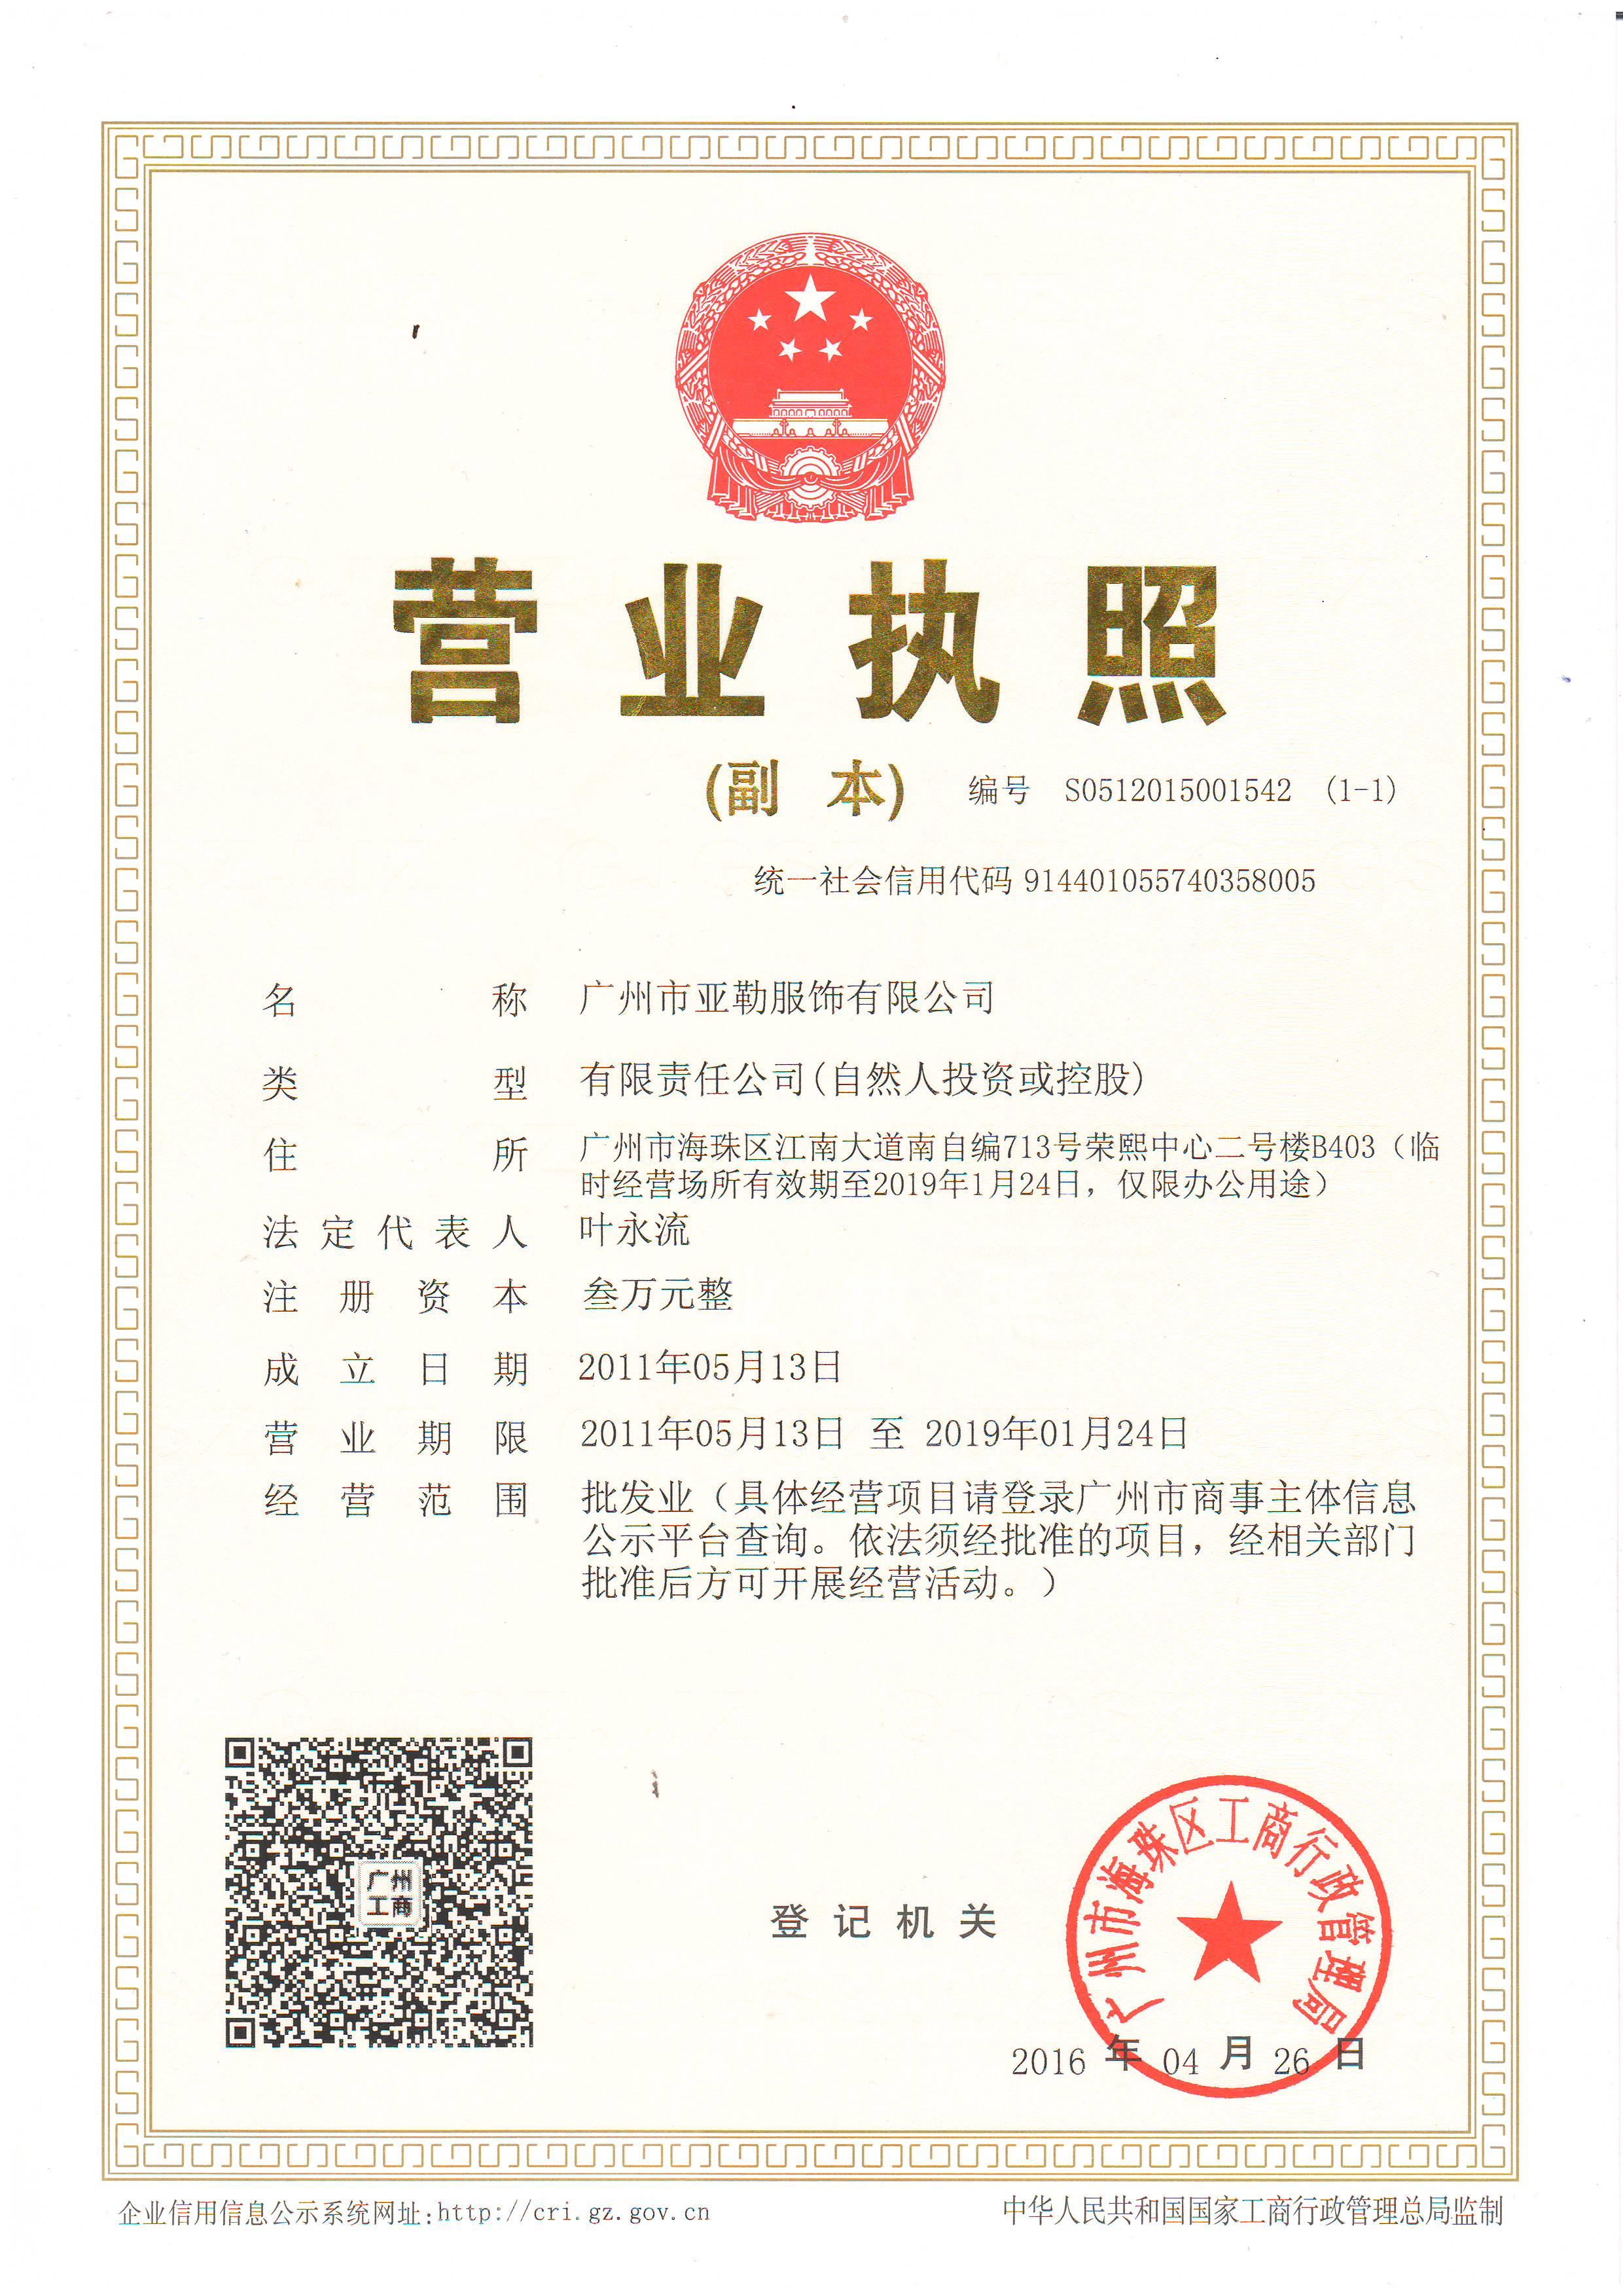 广州市亚勒服饰有限公司企业档案